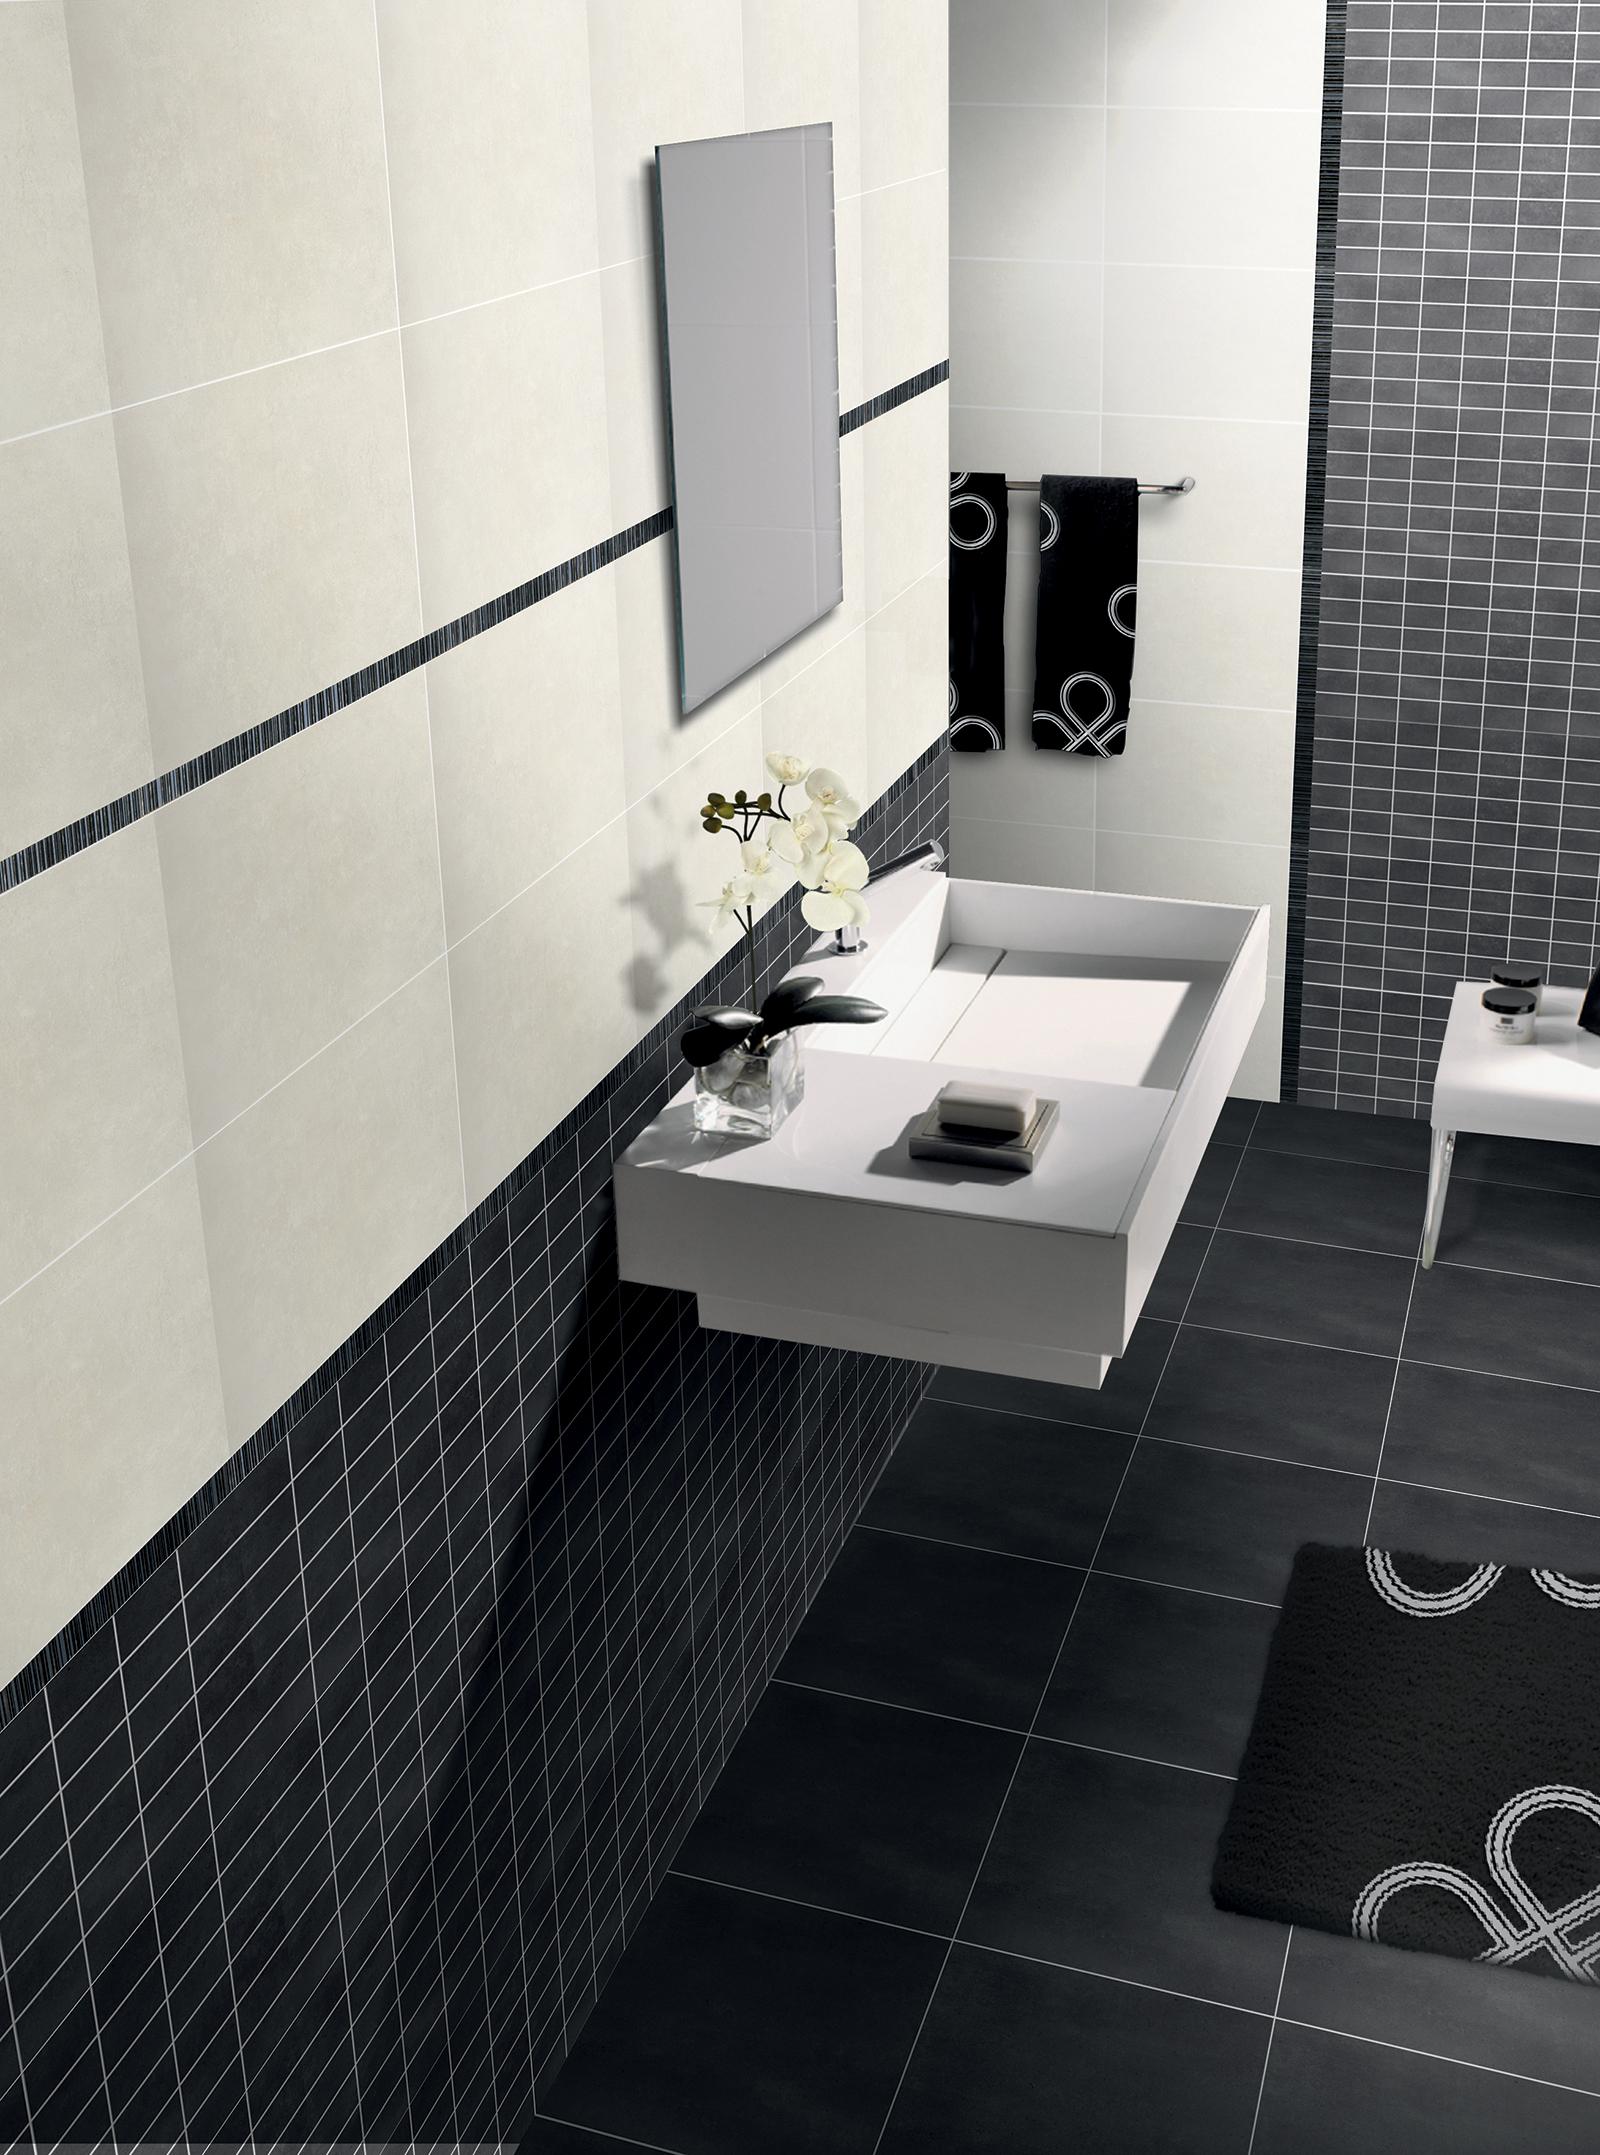 Bagni Mosaico Moderni. Bagno Moderno Con Taglio A Mano In Vetro Grigio Mosaico Case Semplici ...